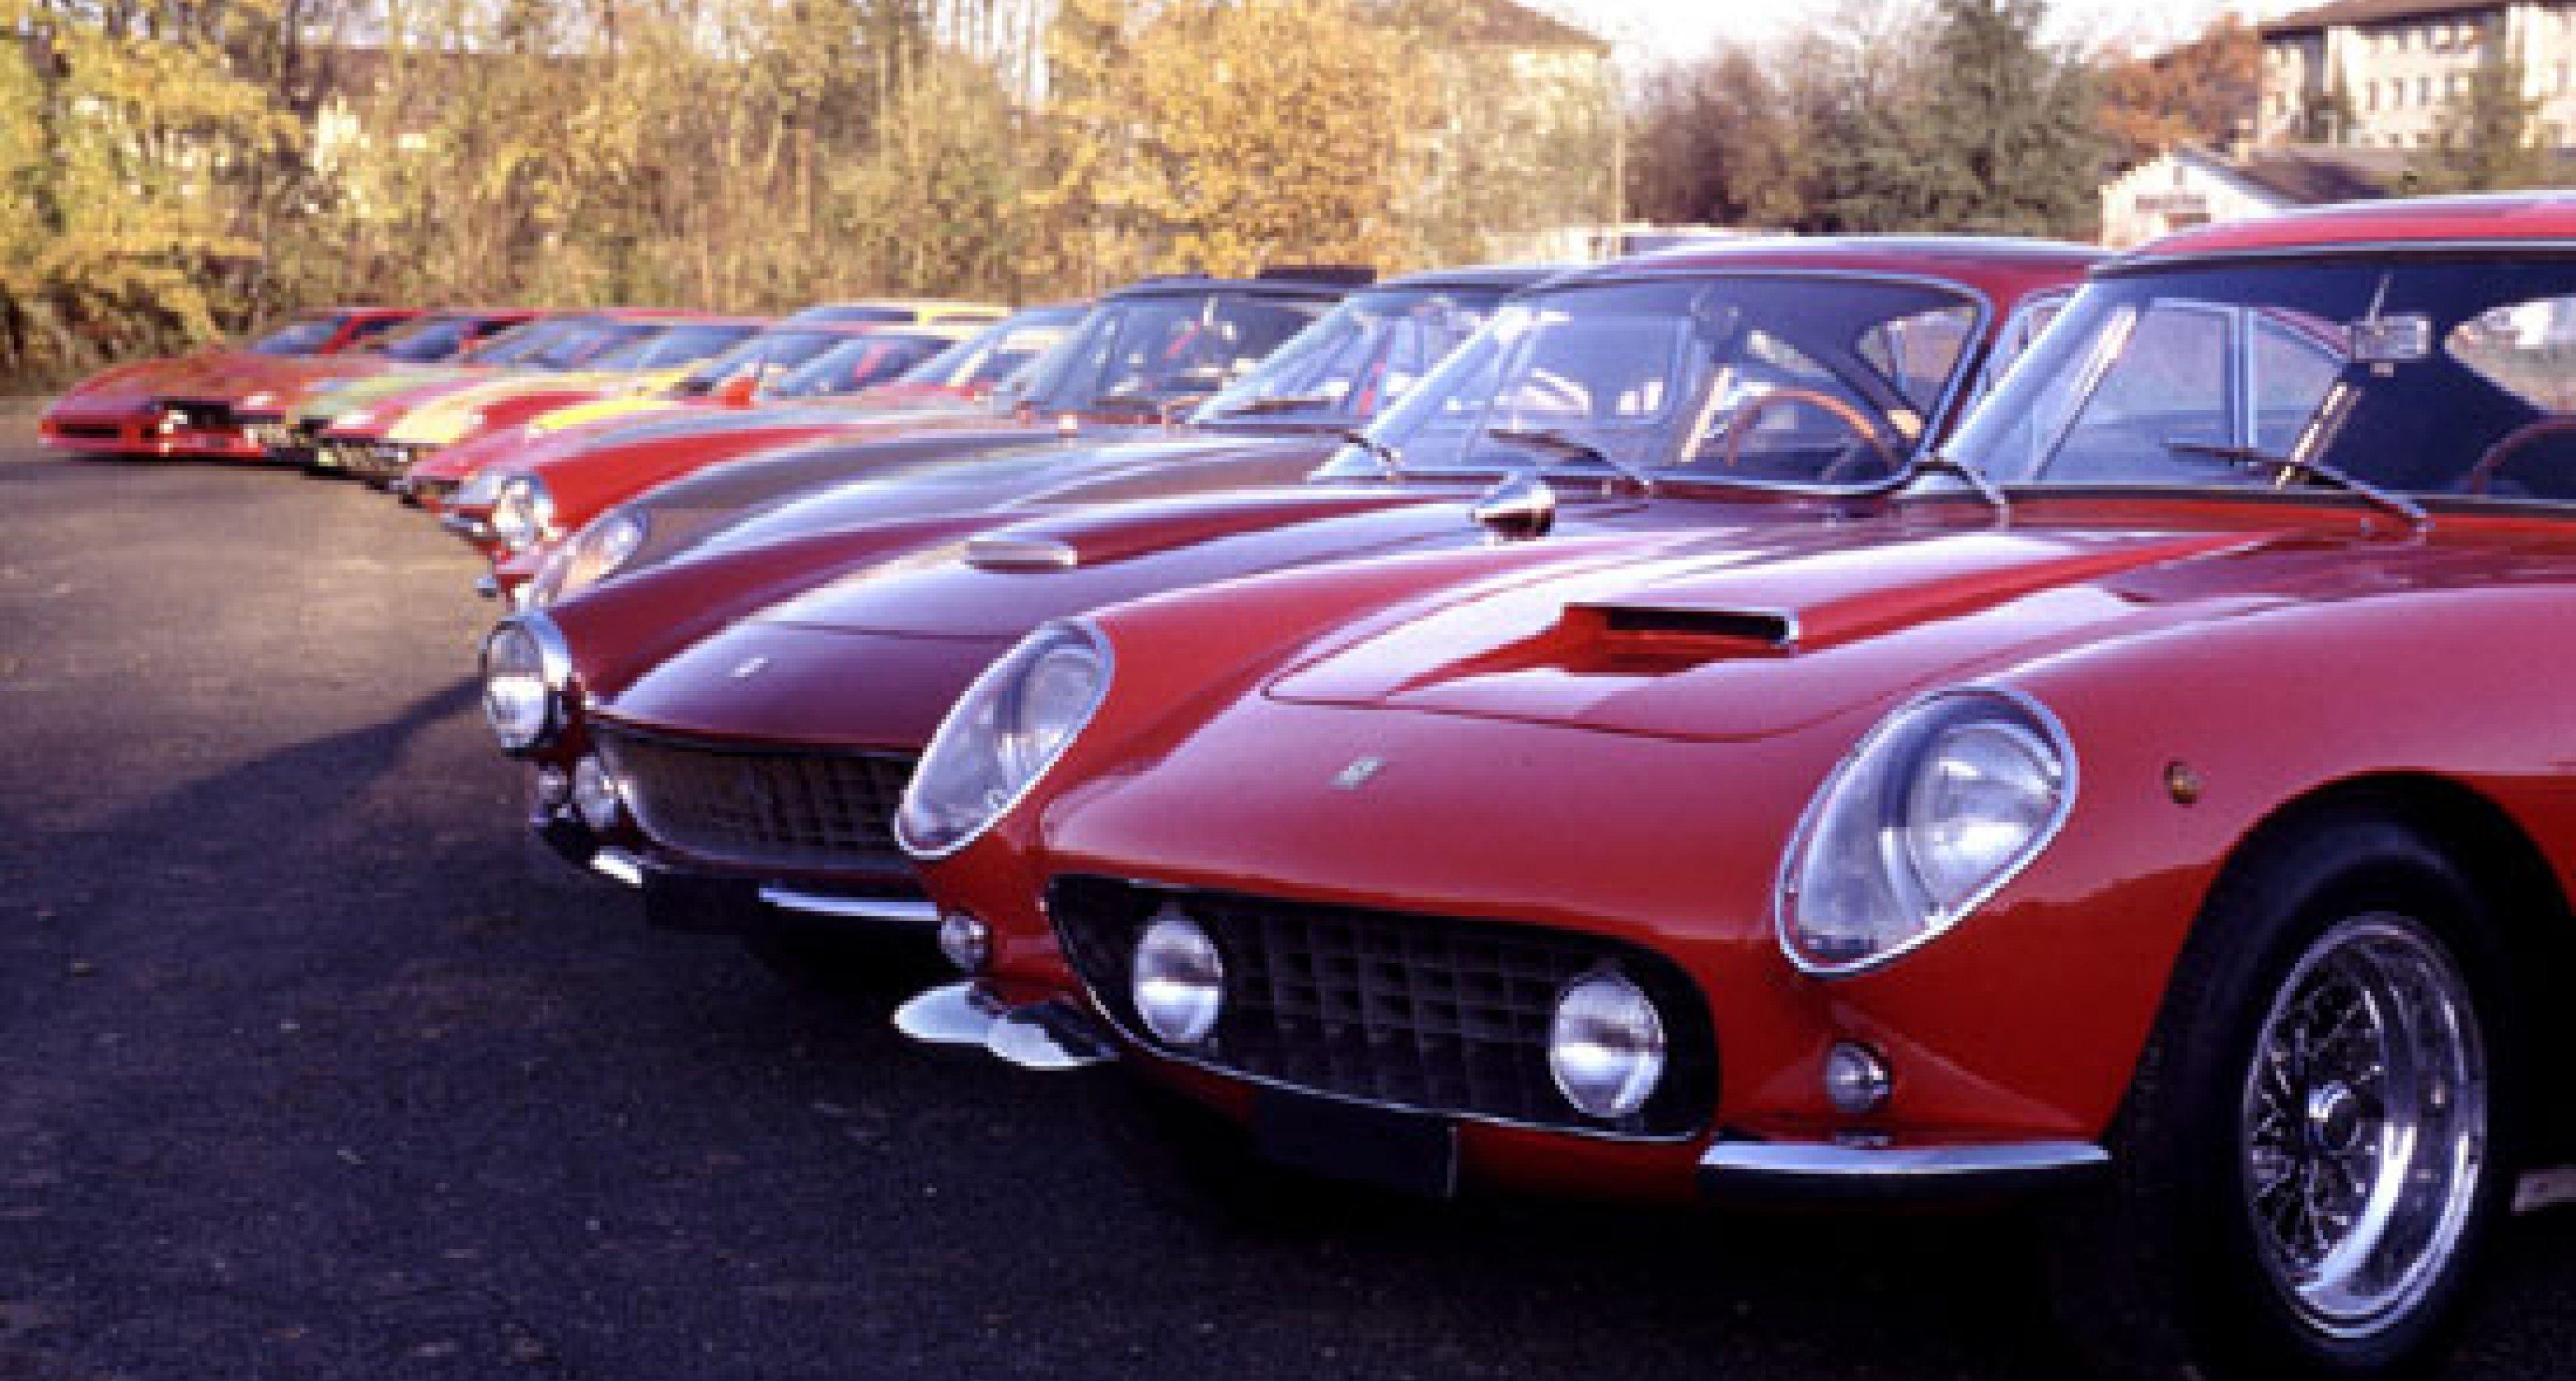 Bonhams all-Ferrari Sale at Gstaad 19 Dec 2003 - Preview